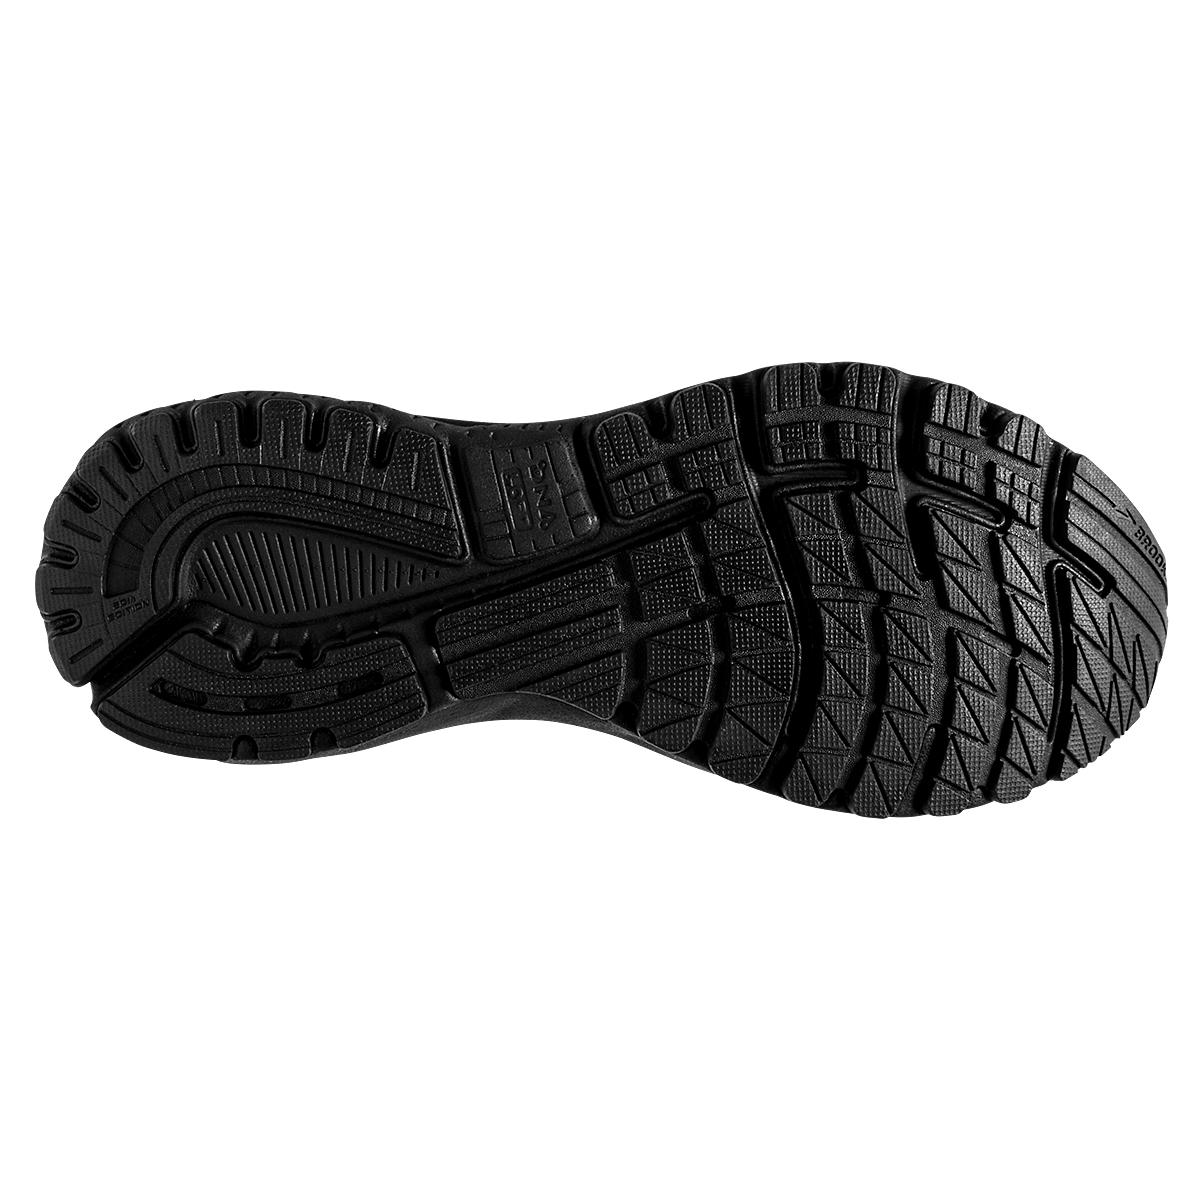 Men's Brooks Adrenaline GTS 20 Running Shoe - Color: Black/Grey (Regular Width) - Size: 15, Black/Grey, large, image 3